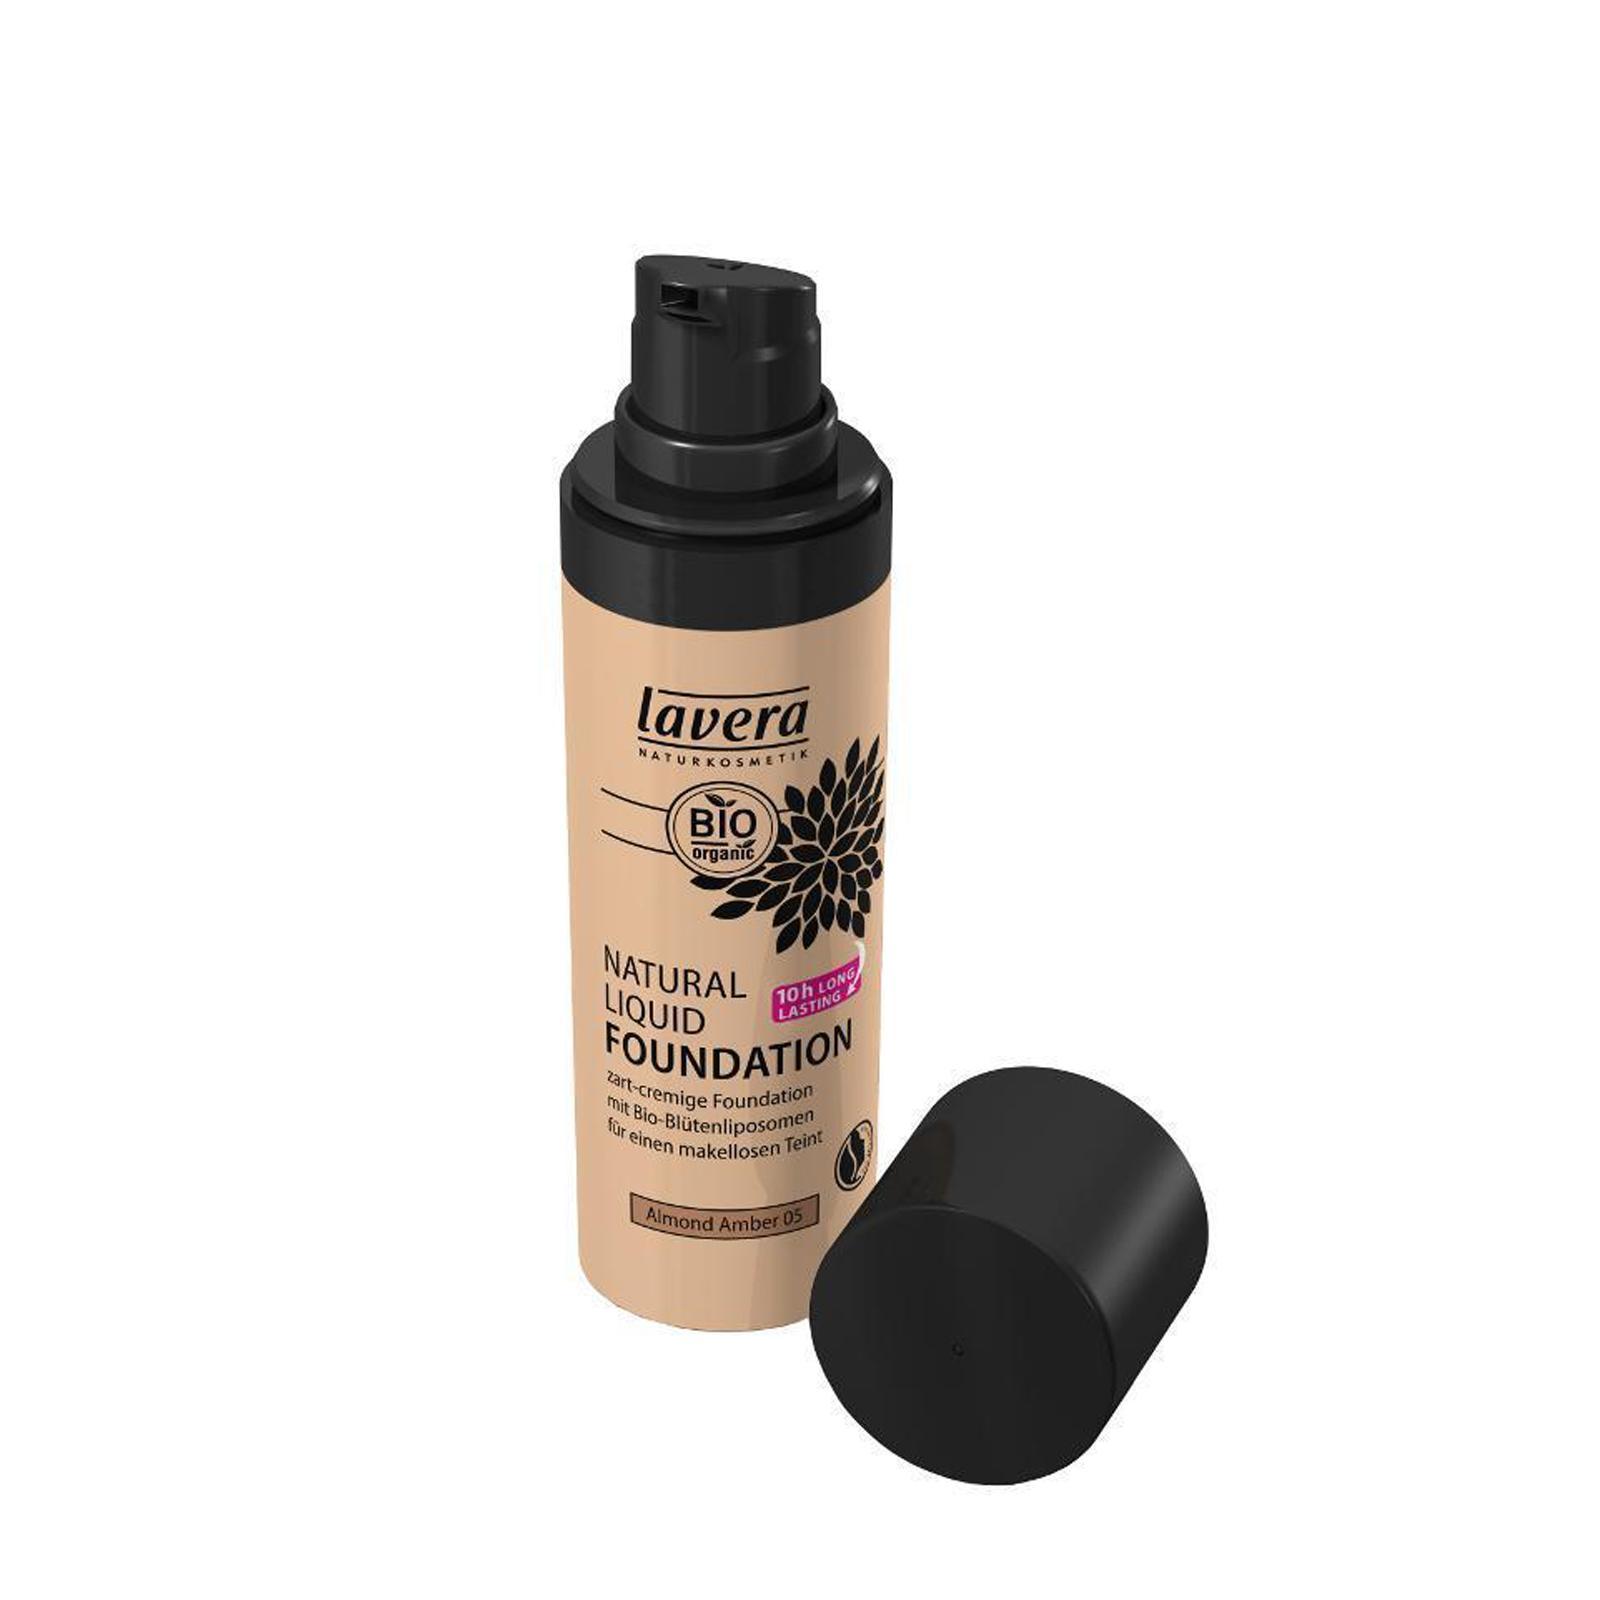 Lavera Make-up tekutý 05 mandle-ambra, Trend Sensitiv 2014 30 ml